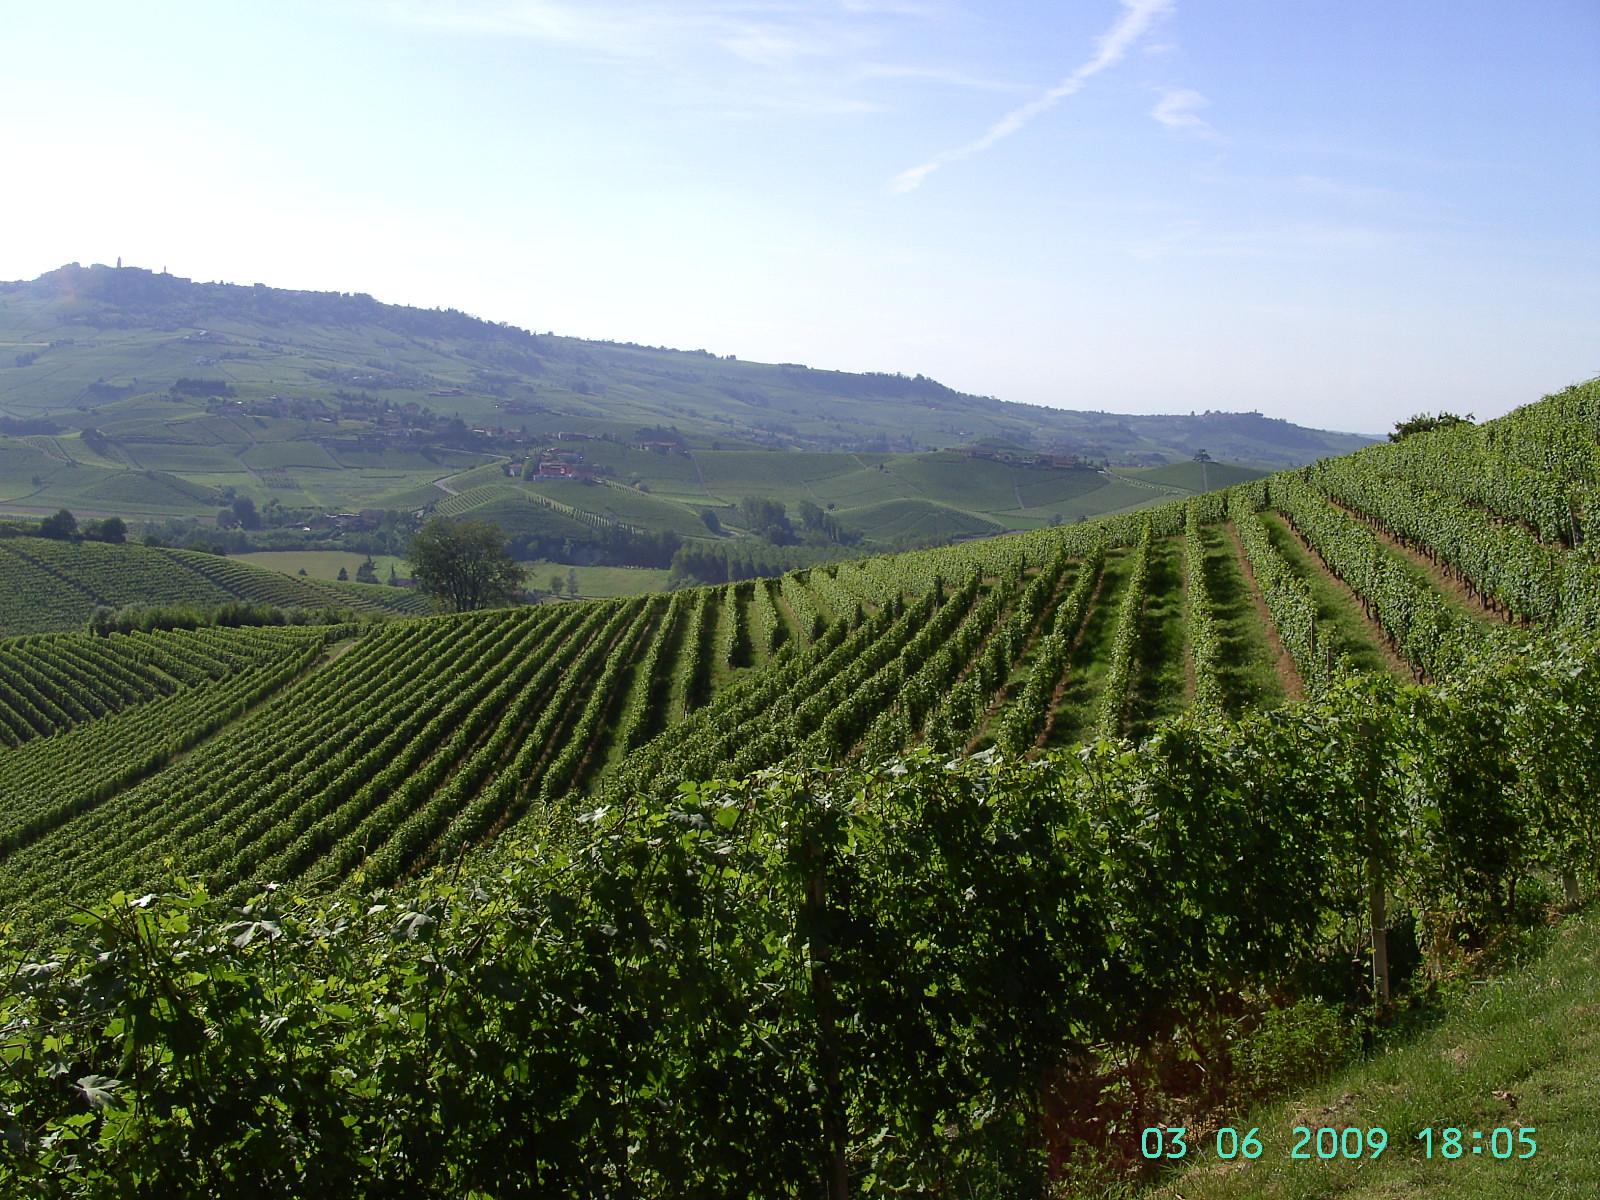 das Filetstück-der Vigna San Giuseppe